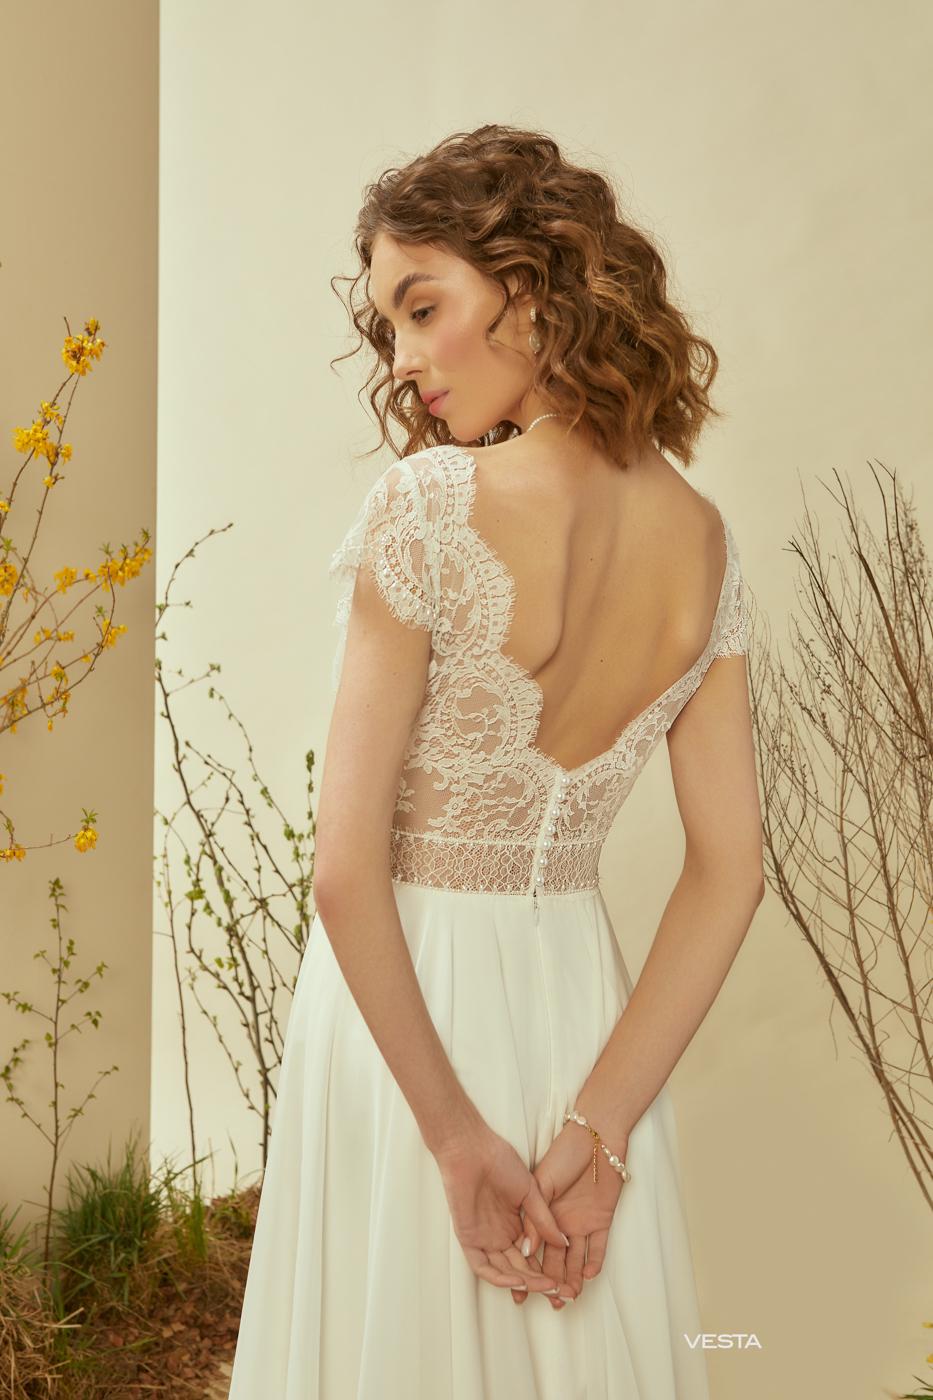 Le Rina tiefer Rückenausschnitt vintage Brautkleid myLovely München nude look feine Spitze